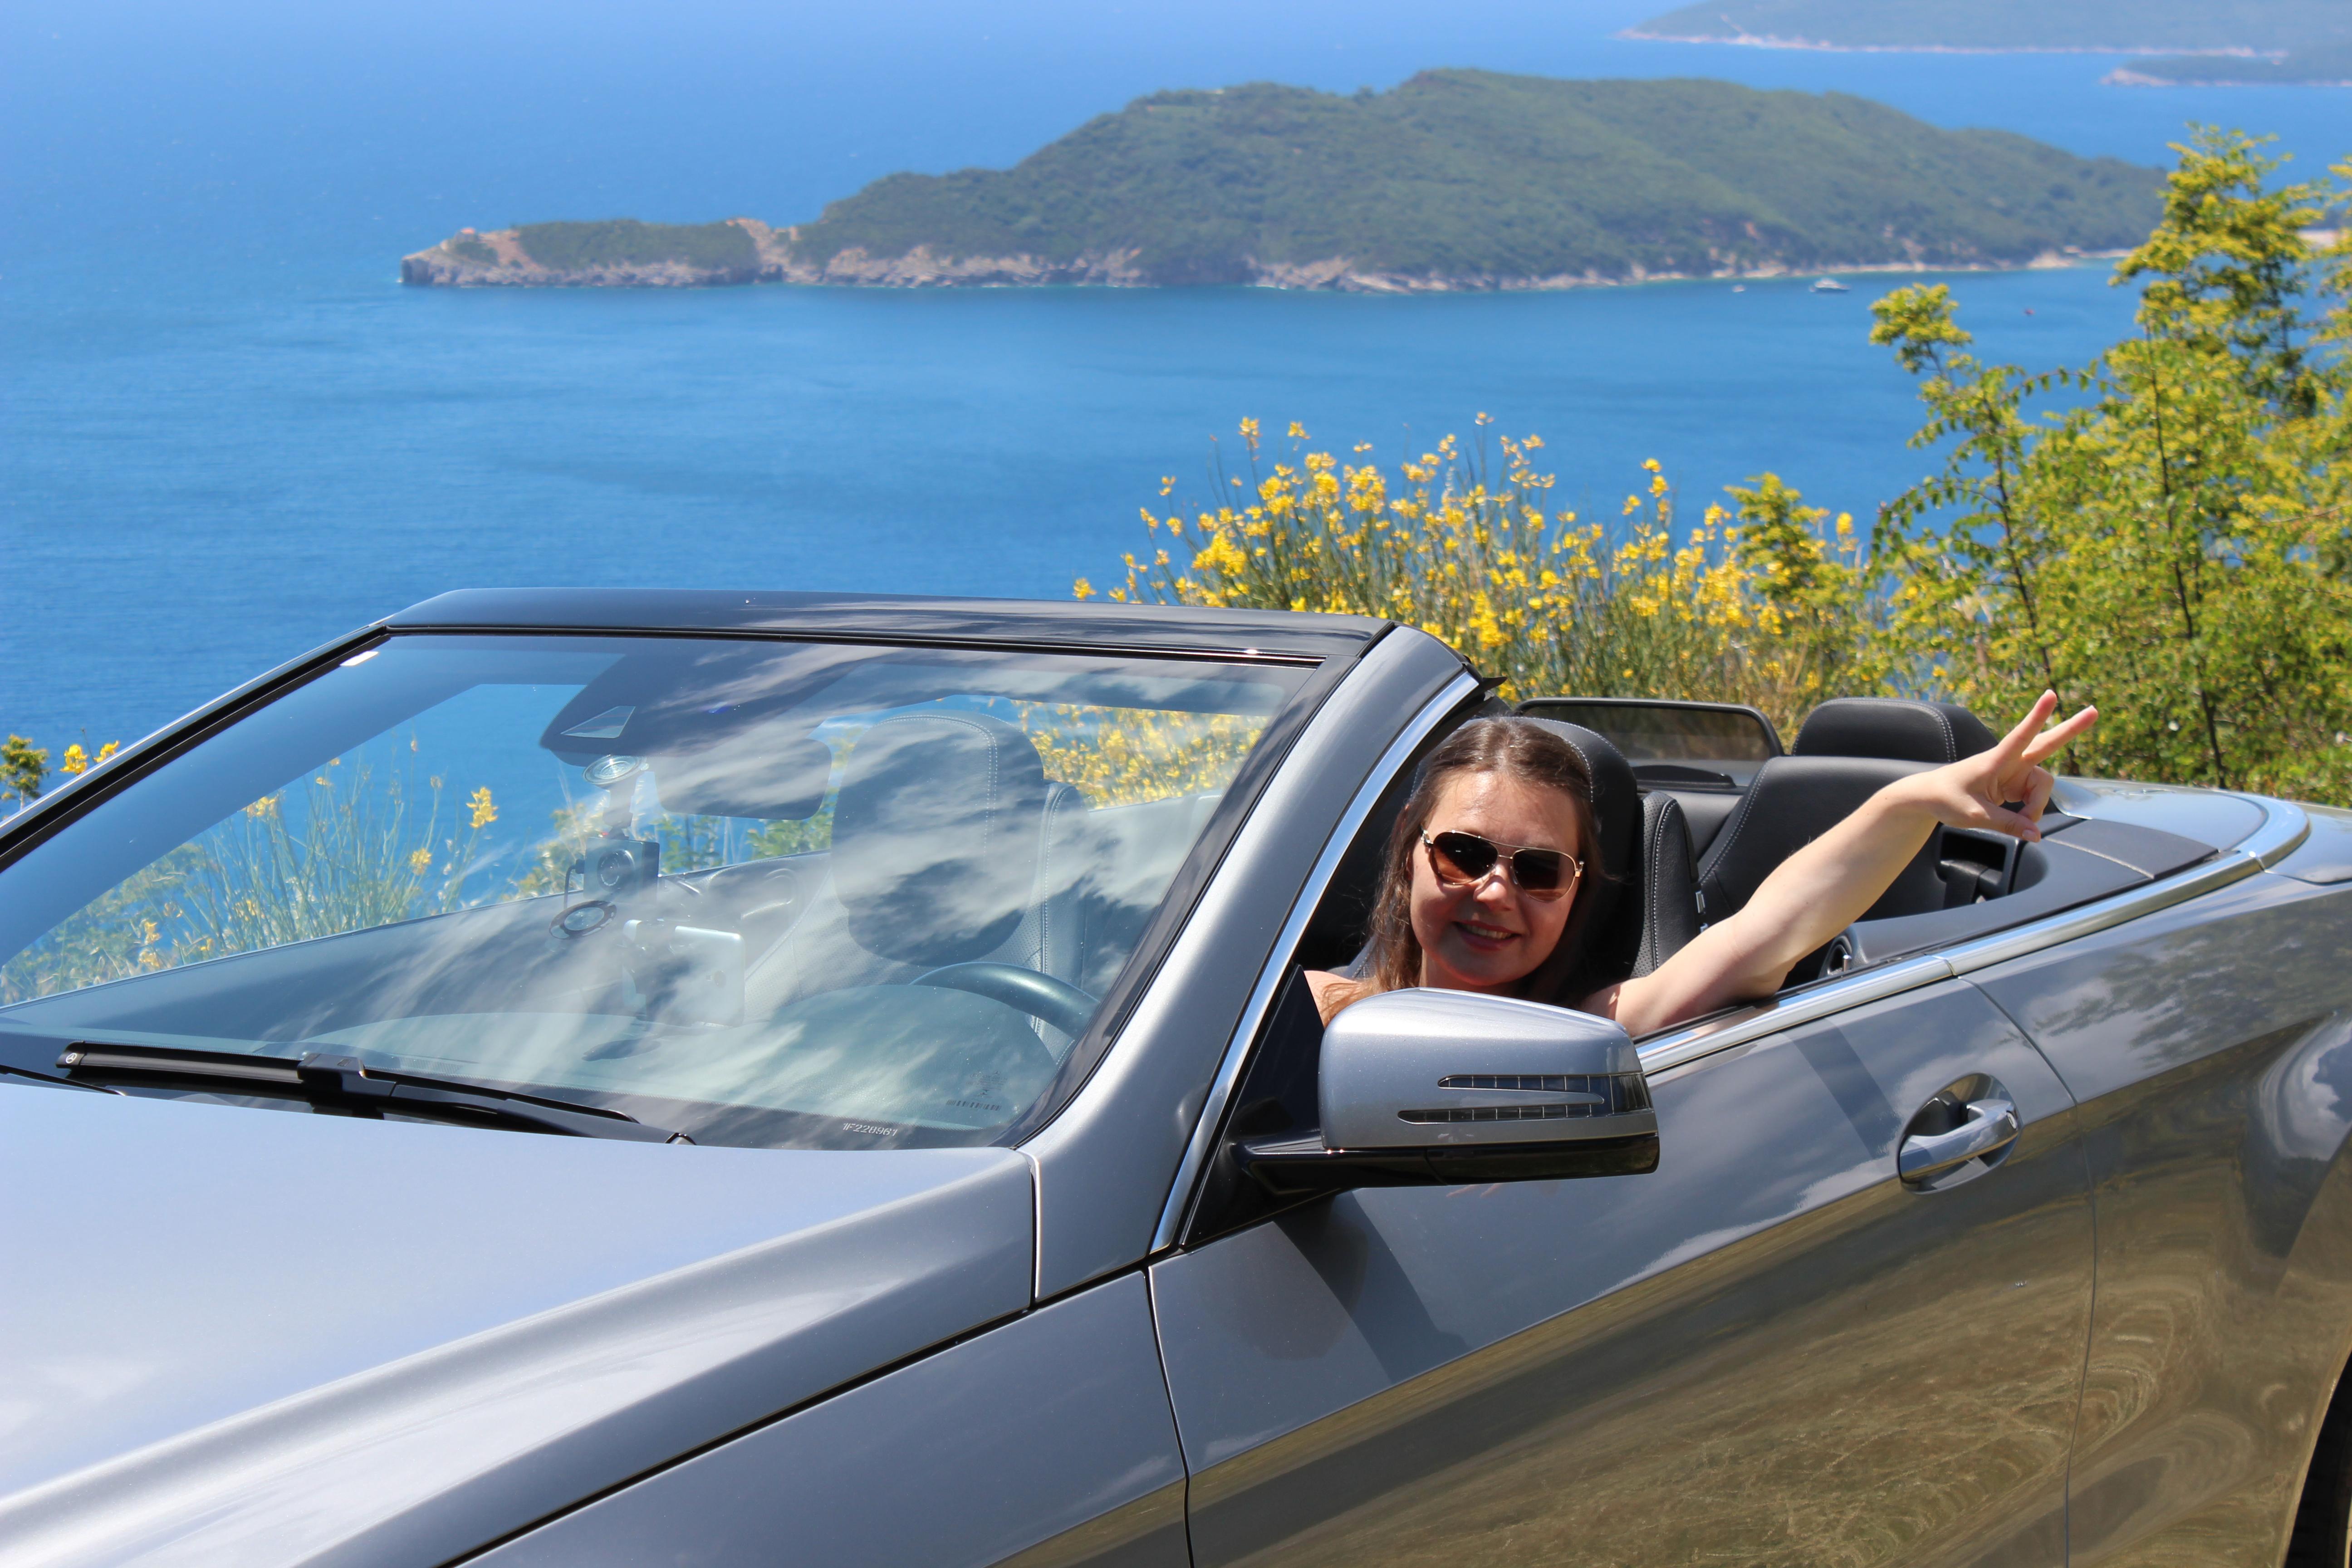 Аренда автомобиля в черногории тиват отзывы цена билеты на самолет нижний новгород ереван